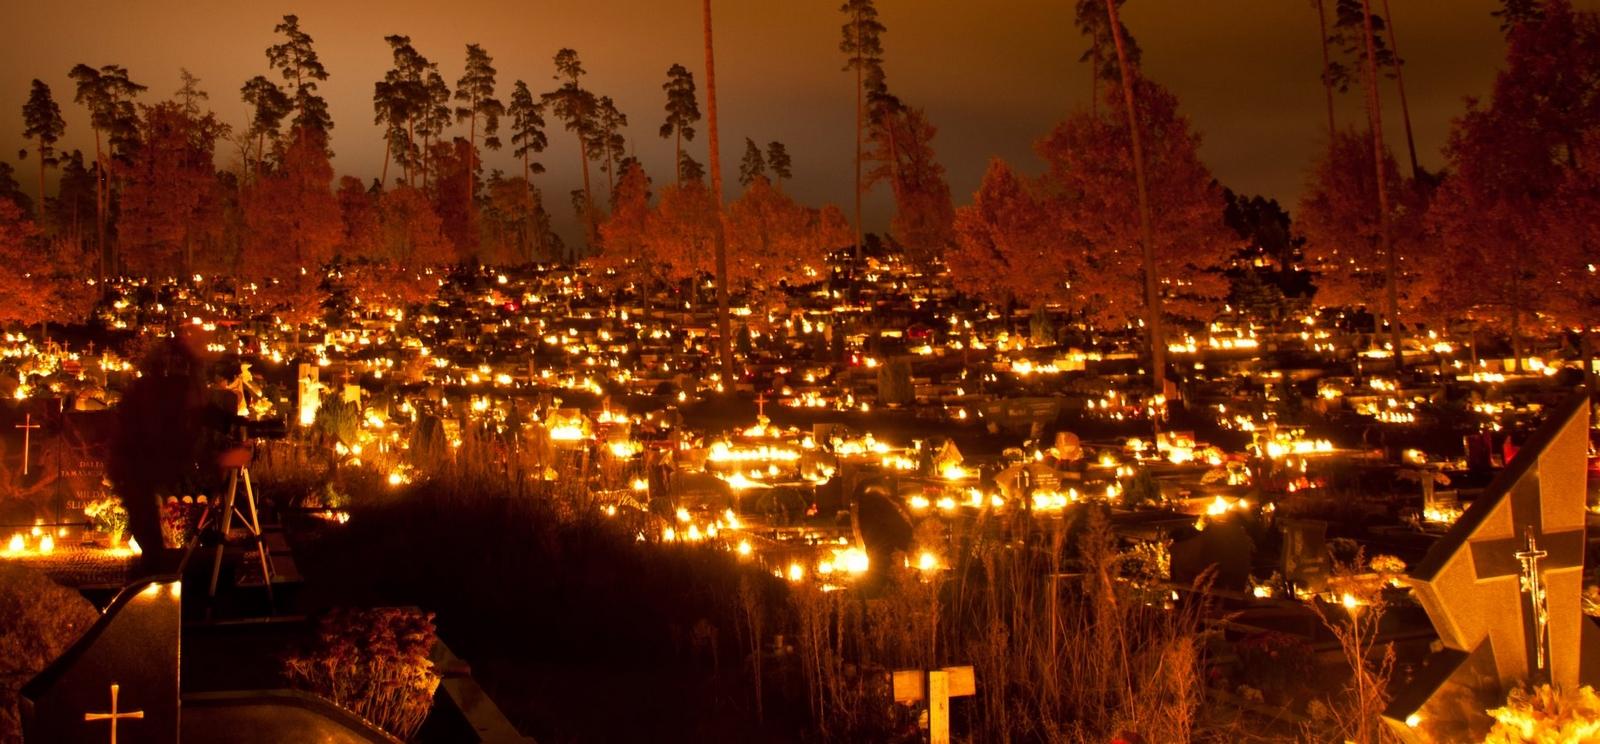 Que Significan los Símbolos de la Noche de HALLOWEEN